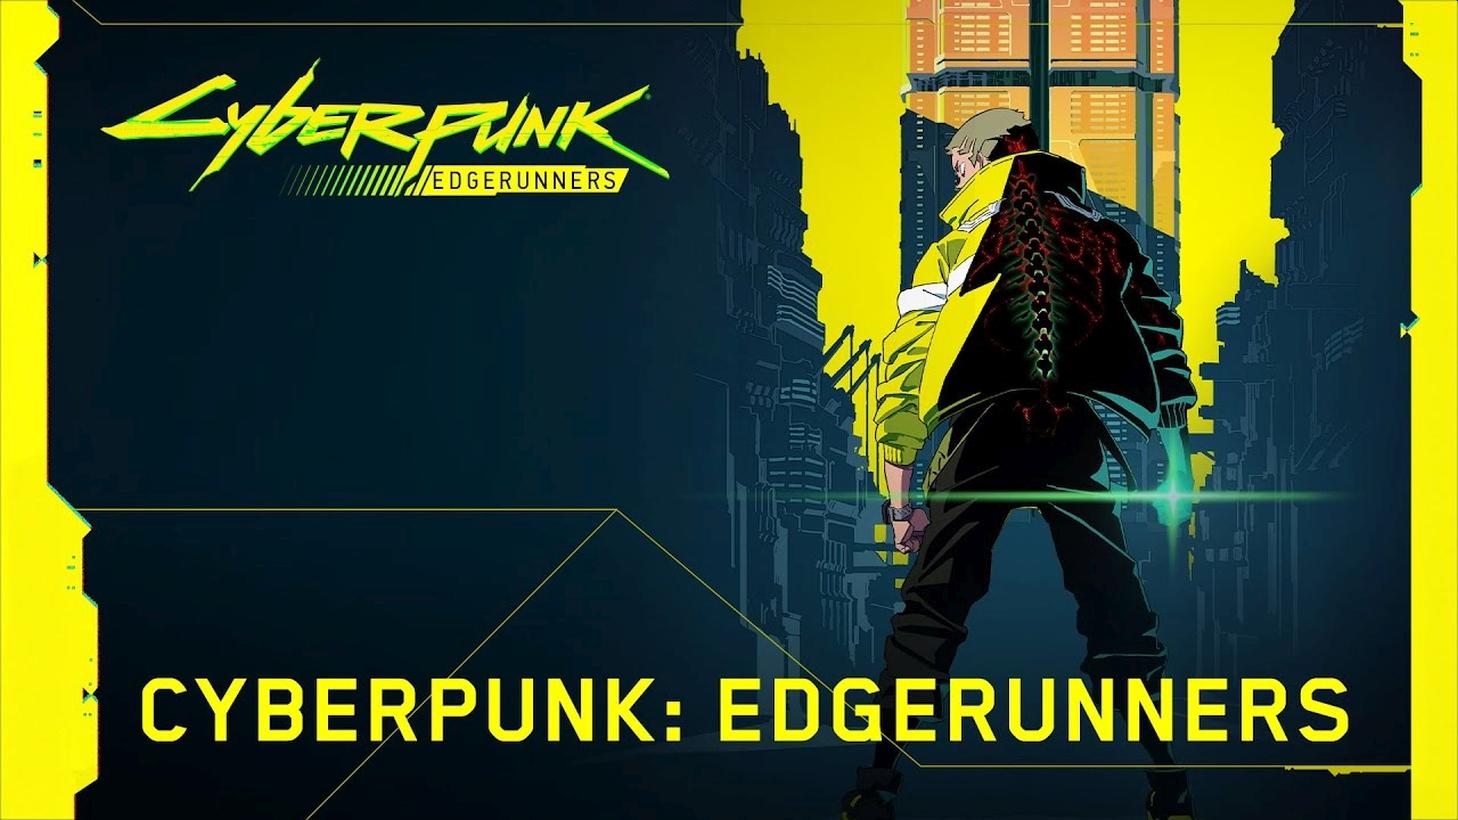 Studio Trigger And CD Projekt Red Team Up For Cyberpunk Edgerunners Netflix Show